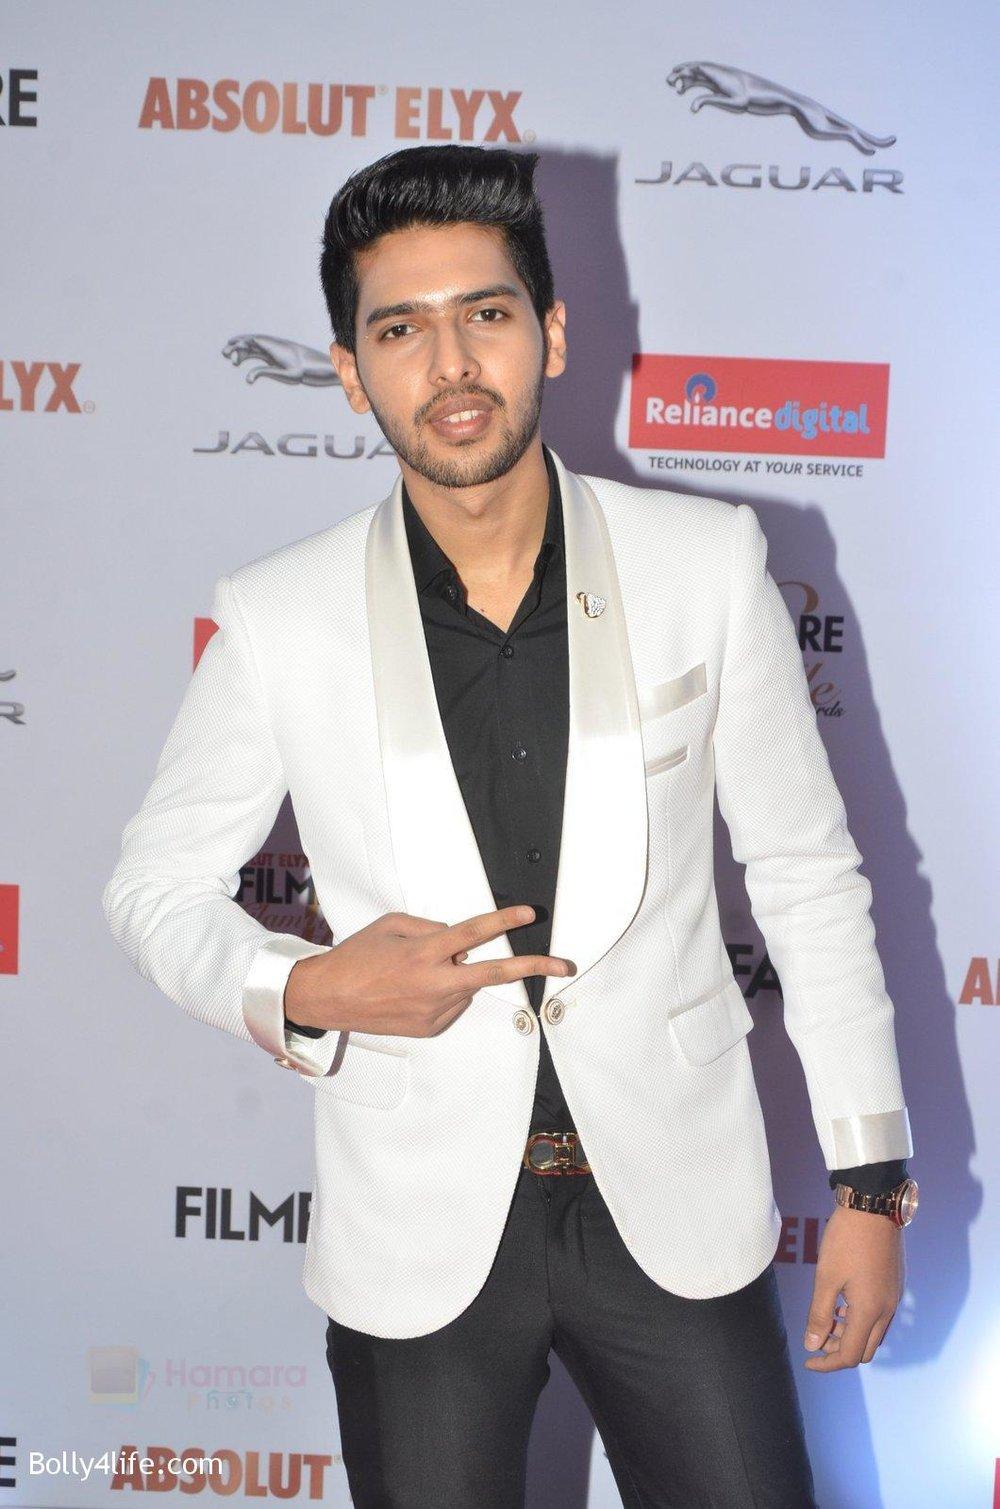 Armaan-Malik-at-Filmfare-Glamour-Style-Awards-2016-in-Mumbai-on-15th-Oct-2016-1412.jpg